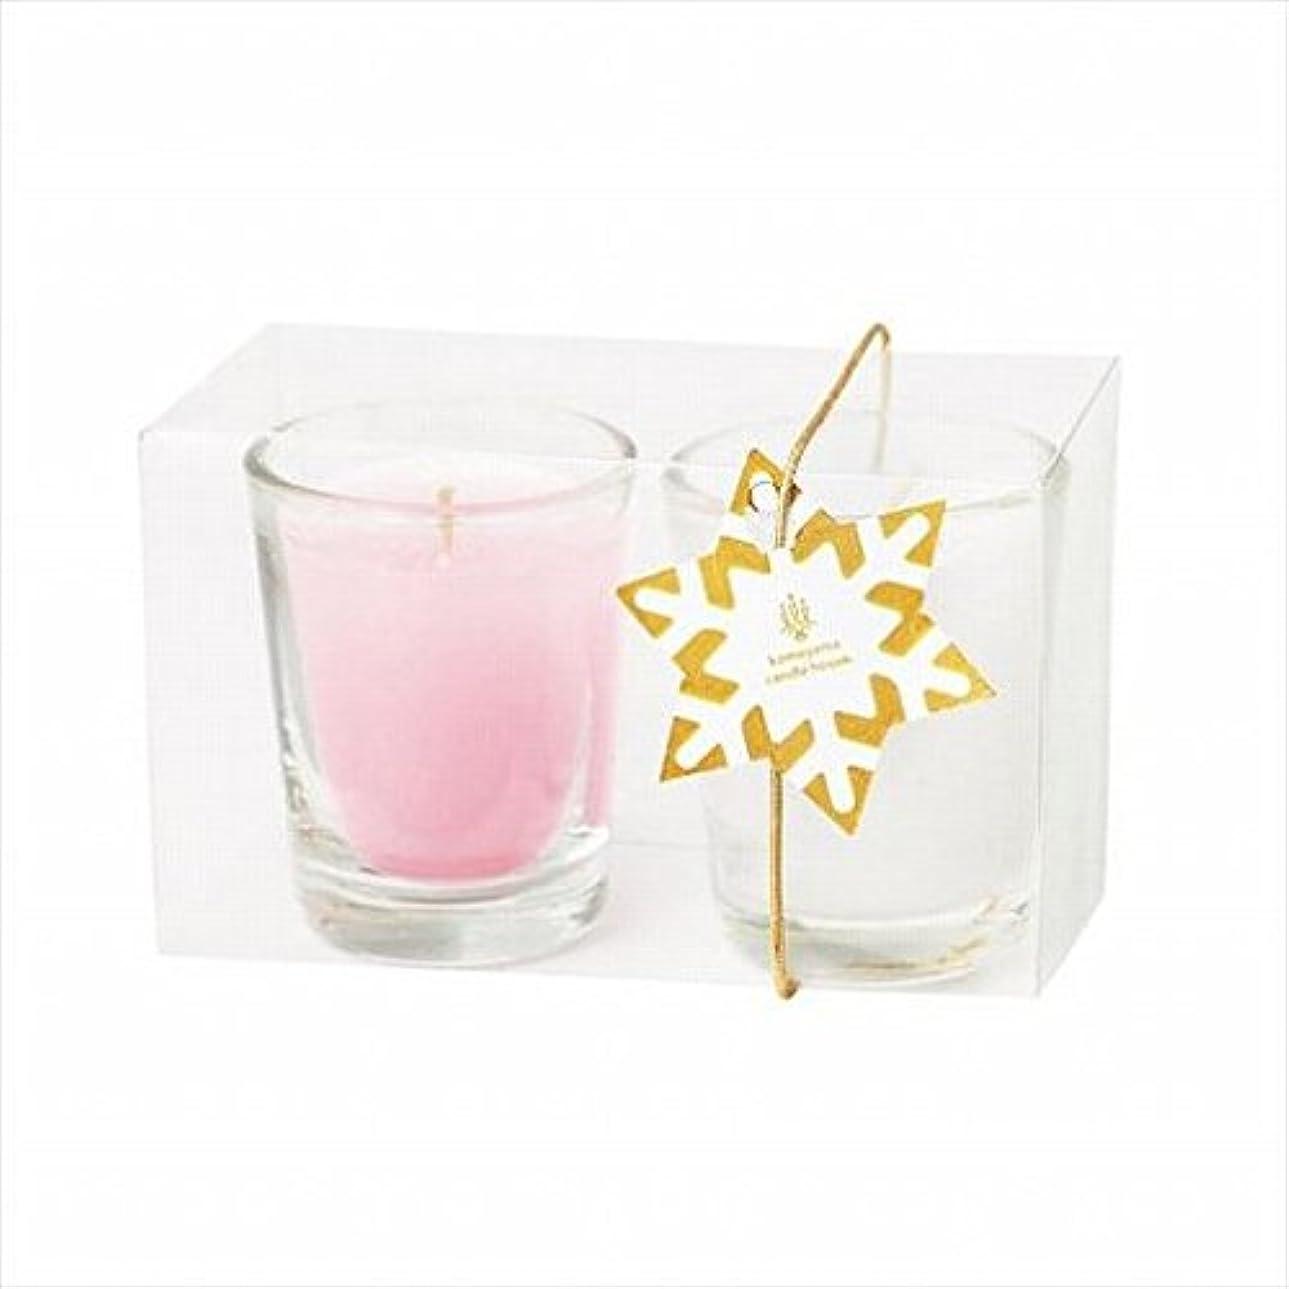 熟したファンネルウェブスパイダー言い聞かせるkameyama candle(カメヤマキャンドル) ミニライト2個入り 「 ホワイト&ピンク 」(A9570020)